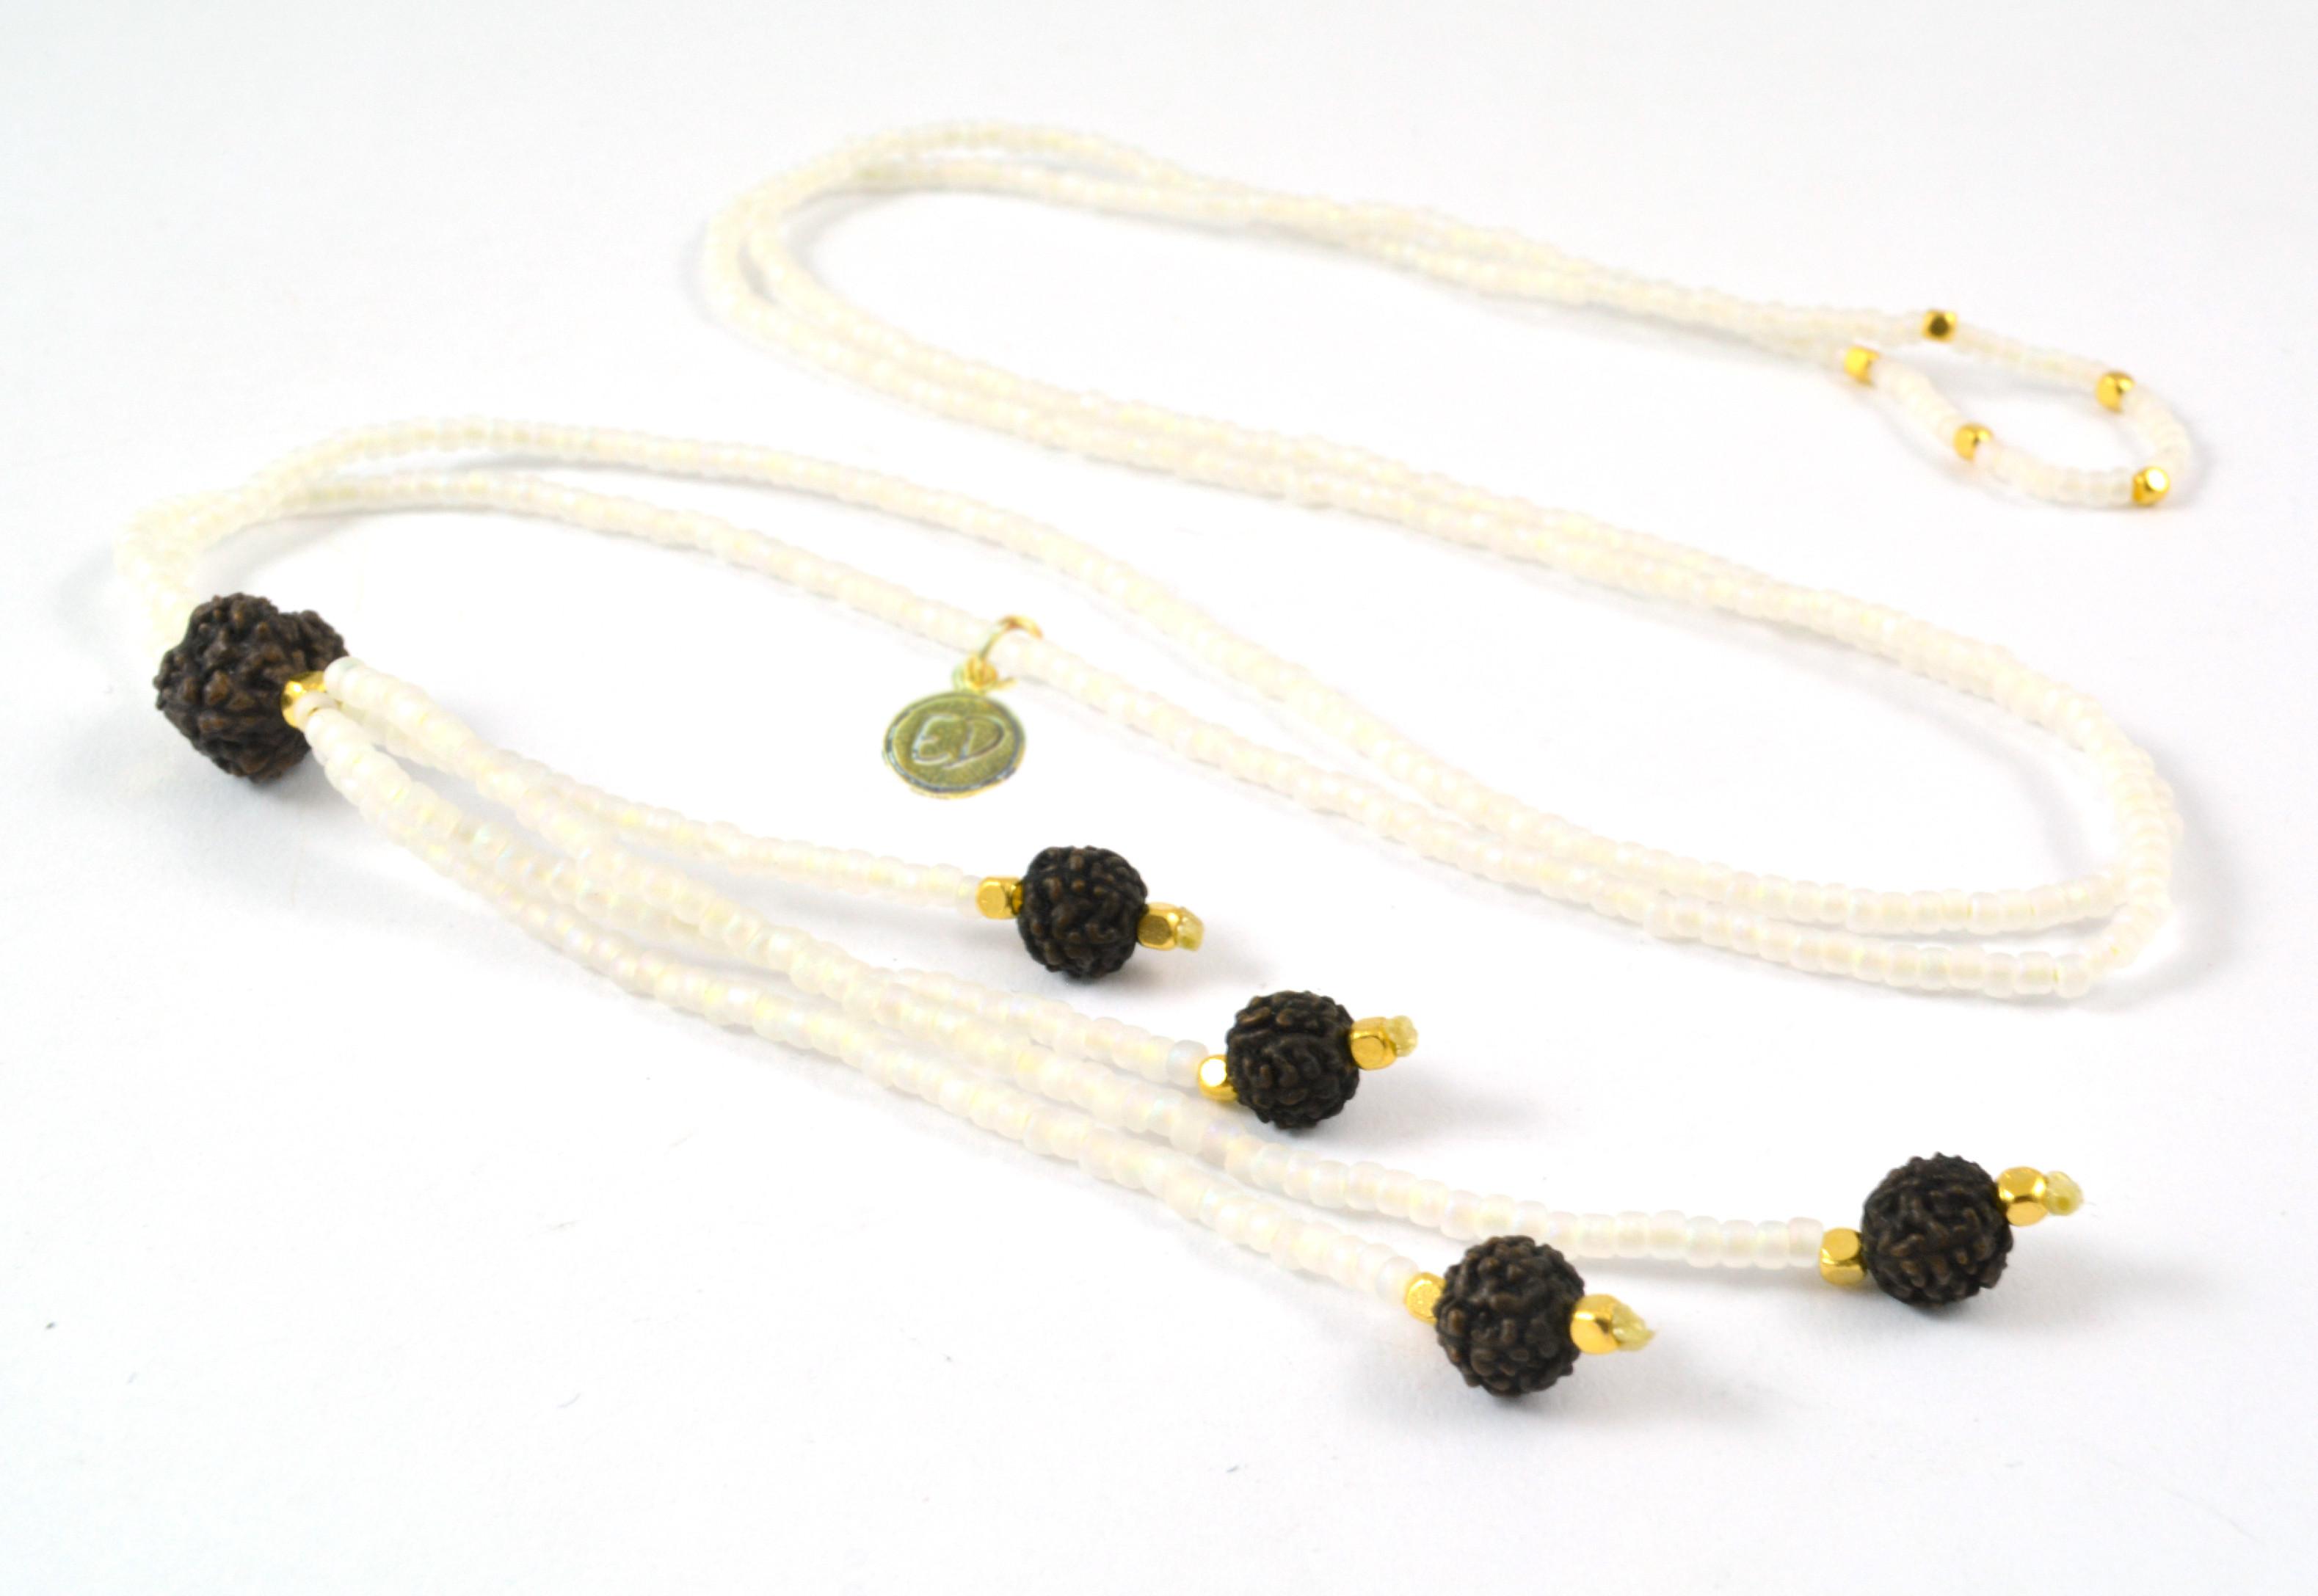 Dámsky prírodný náhrdelník z japonského rokajlu a rudrakshy - biely